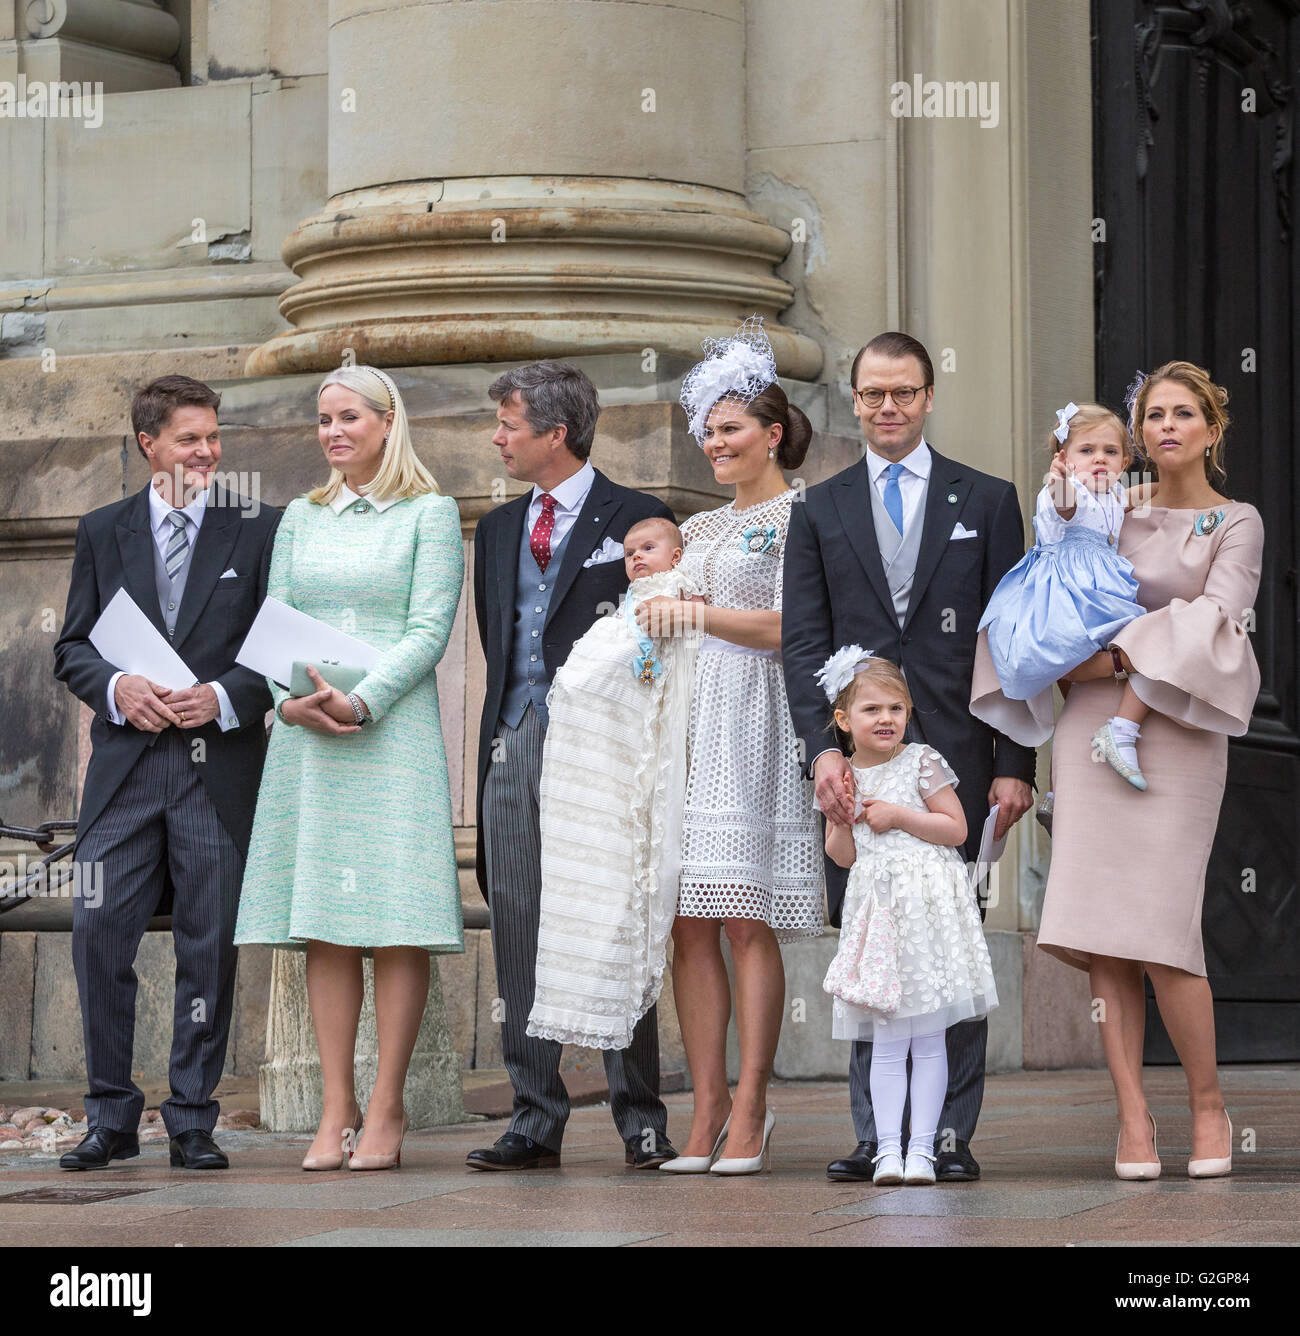 Königliche Taufe in Schweden Mai 2016 ? Prinz Oscar von Schweden. Die engste Familie mit Paten Stockbild